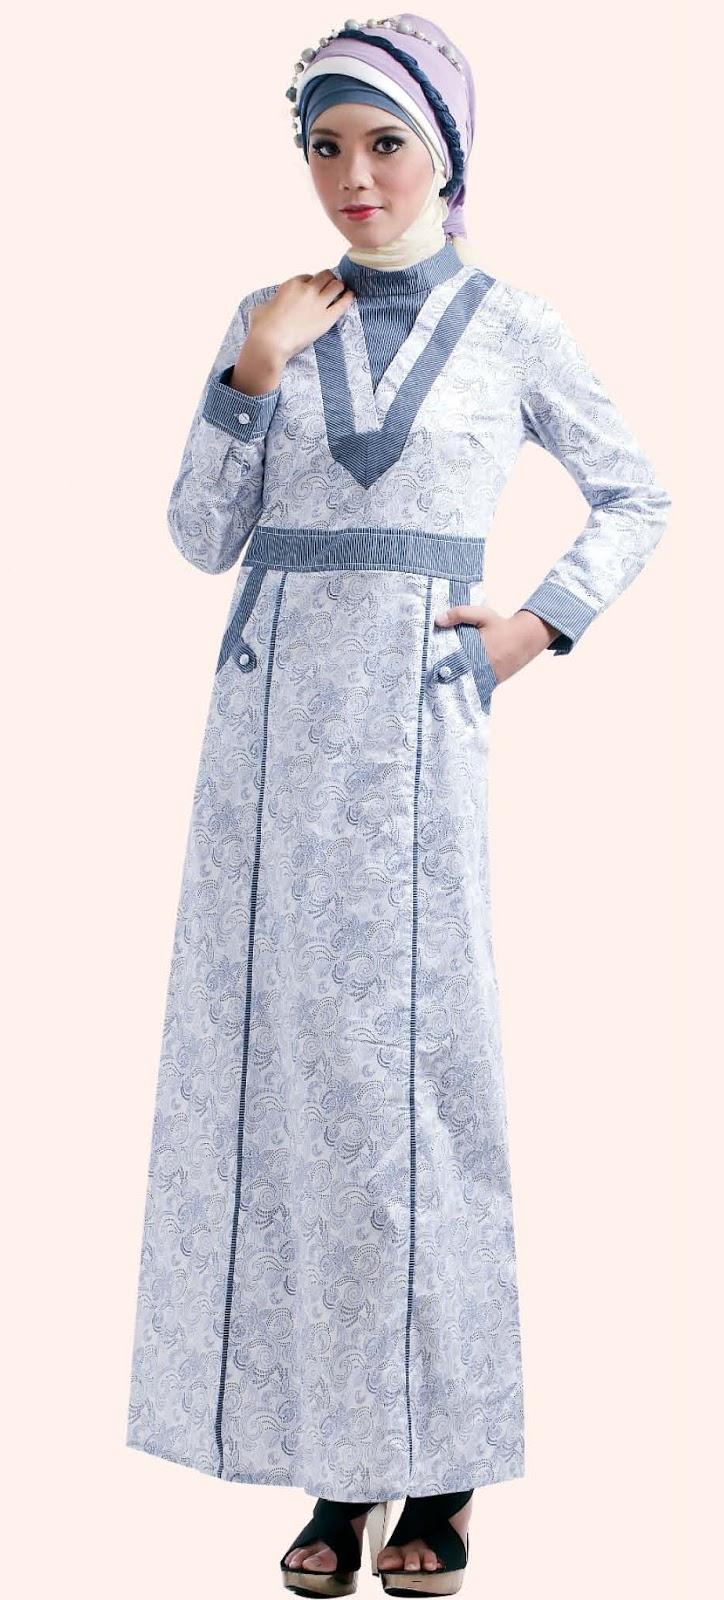 Baju gamis muslimah nan anggun tutorial hijab Baju gamis vamosh